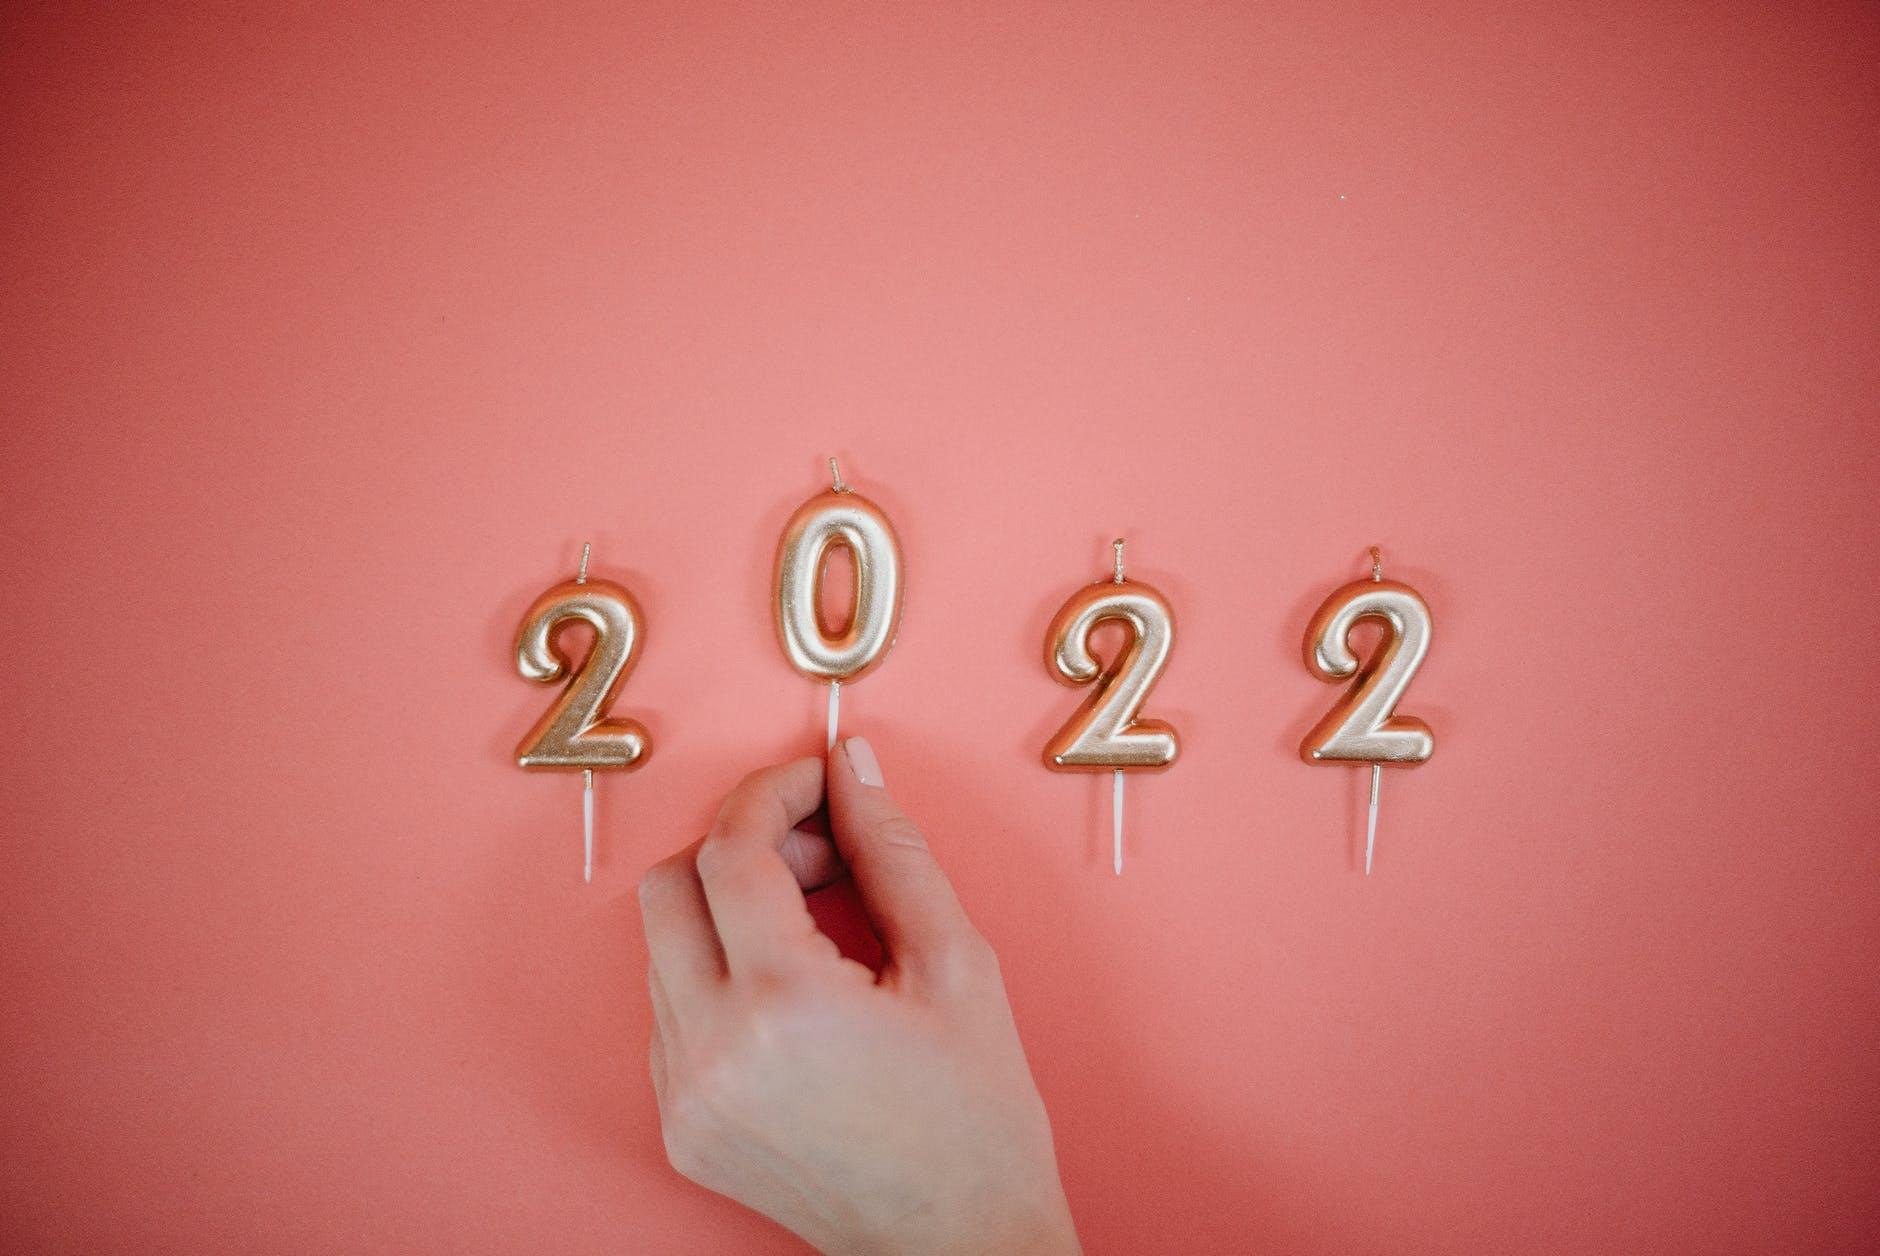 Previziuni HOROSCOP 2022. Zodia care va avea TOTUL: Nuntă, job nou și mai mulți BANI